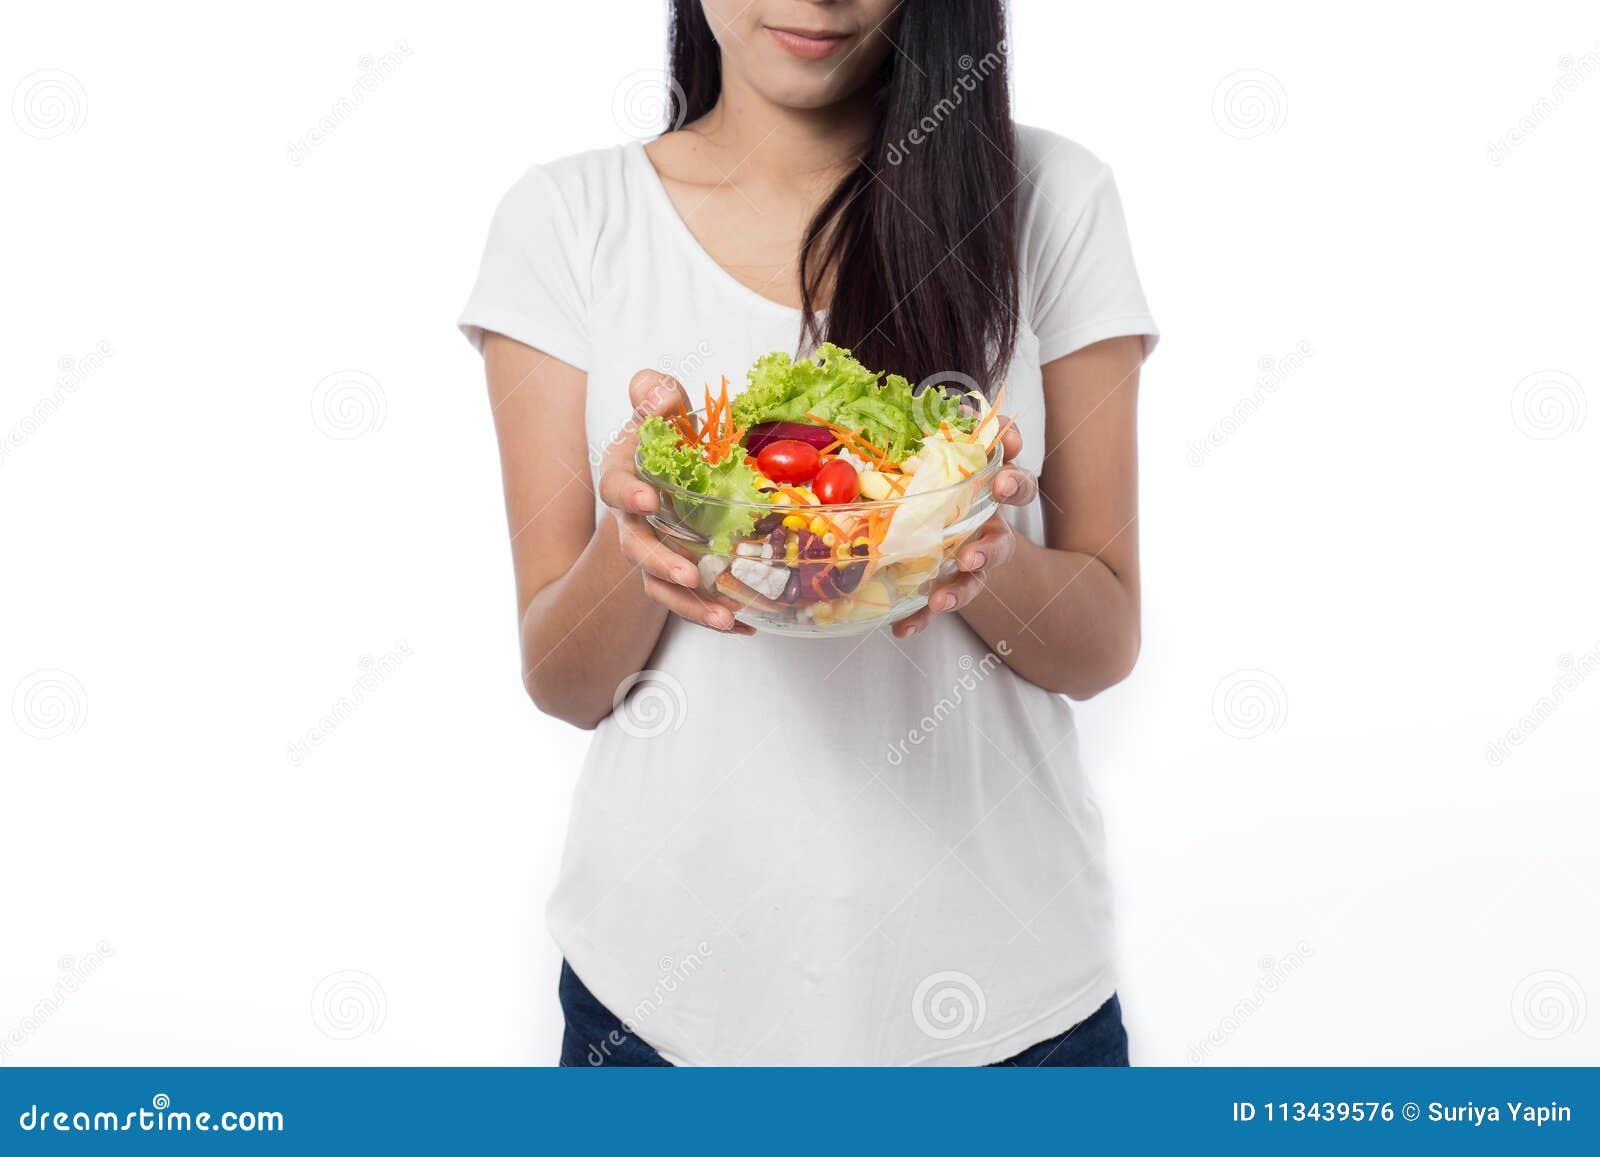 Porträt der schönen asiatischen jungen Frau, die Gemüsesalat isst